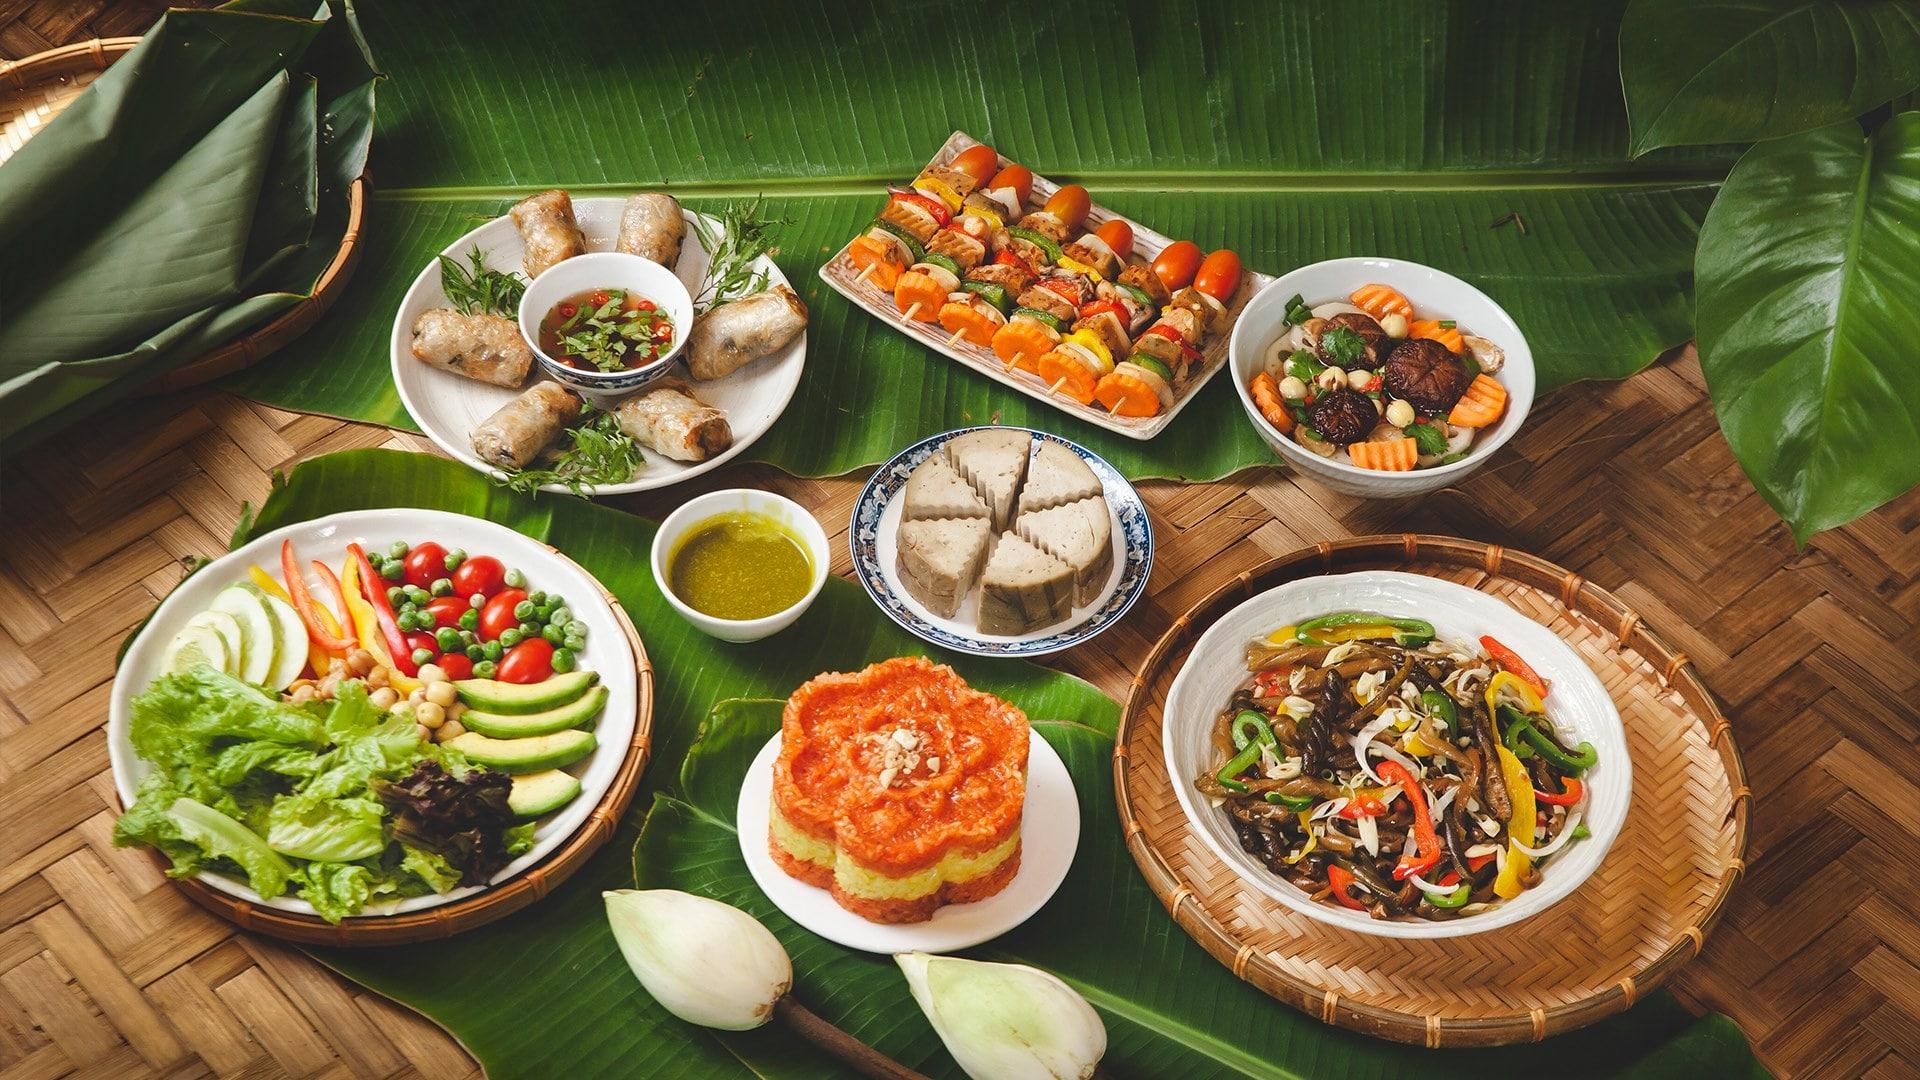 Địa chỉ những nhà hàng ăn chay ngon tại Hà Nội nhất định bạn phải thử!